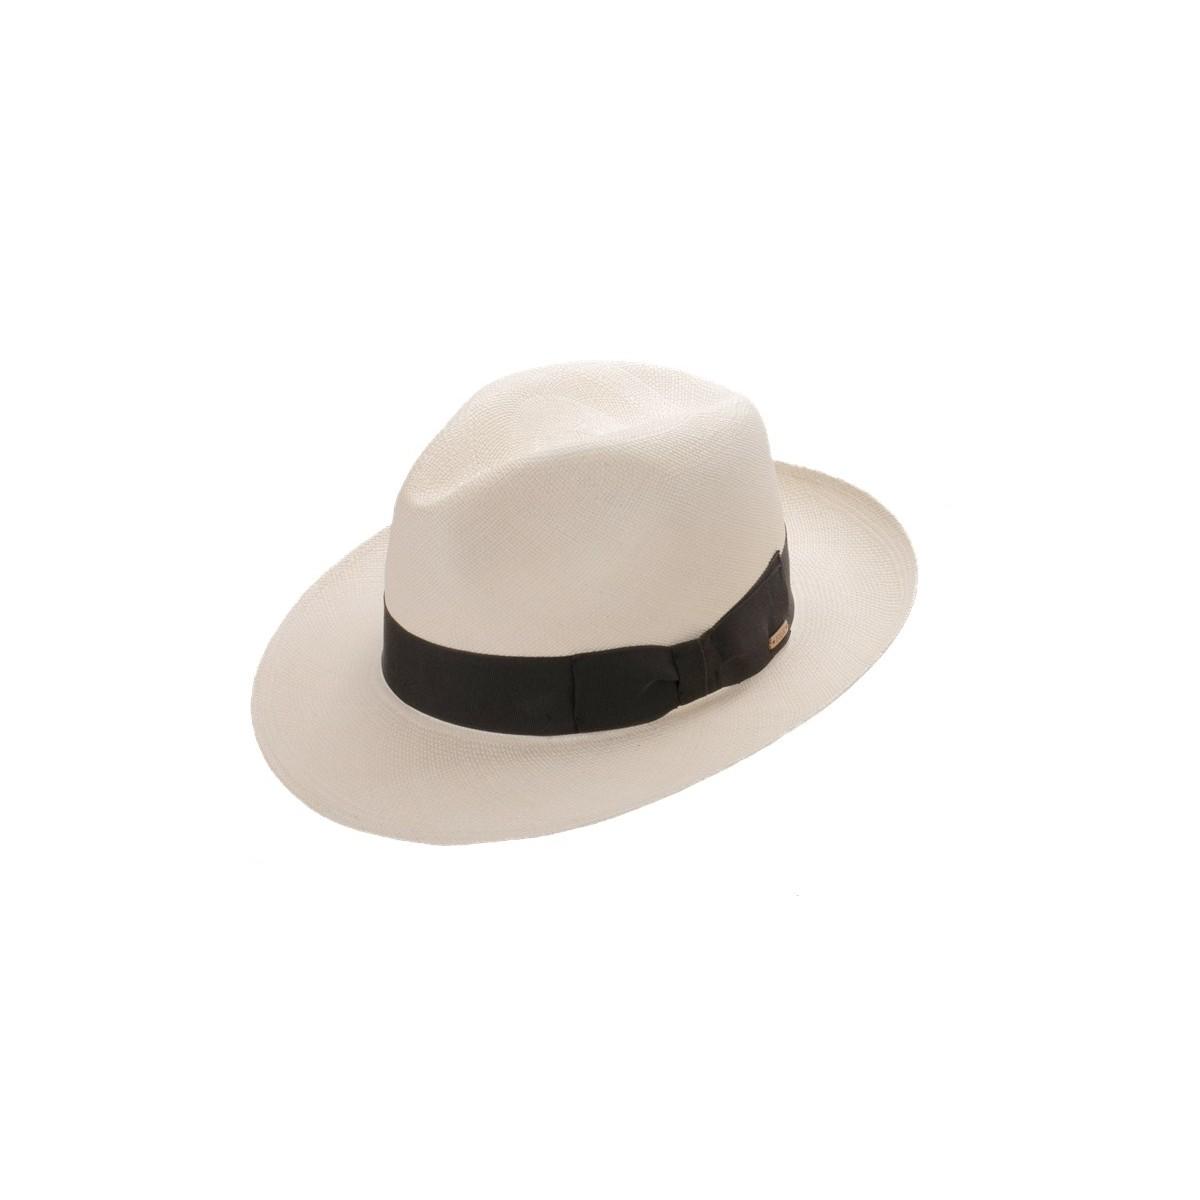 Belmont sombrero de hombre panamá color crema y cinta negro. Fernández y ROCHE